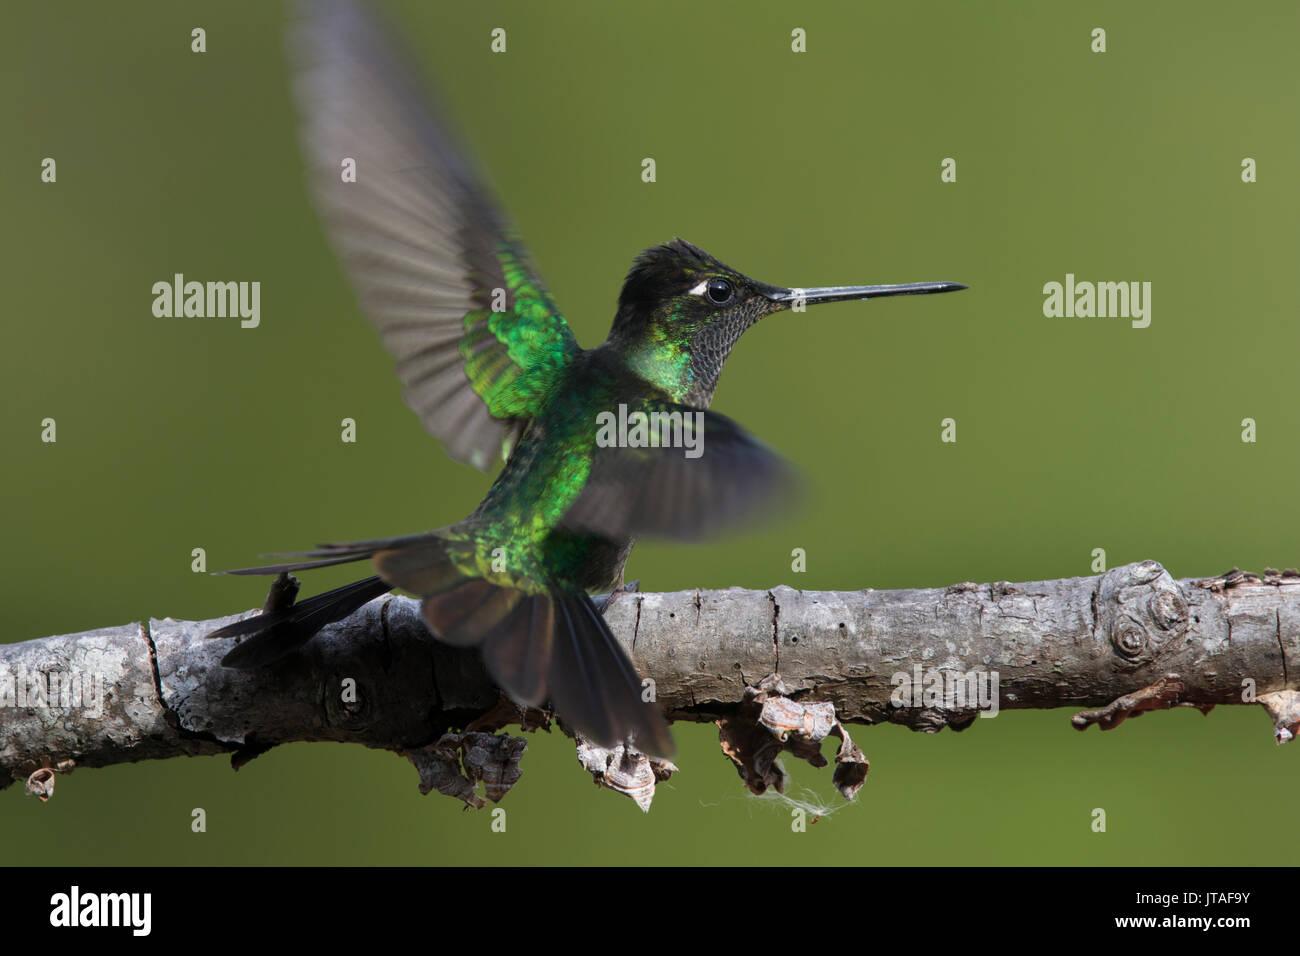 Verde brillante coronado con Hummingbird (Heliodoxa jacula) despegando, Monte Totumas Bosque Nuboso, provincia de Chiriquí, Panamá. Imagen De Stock